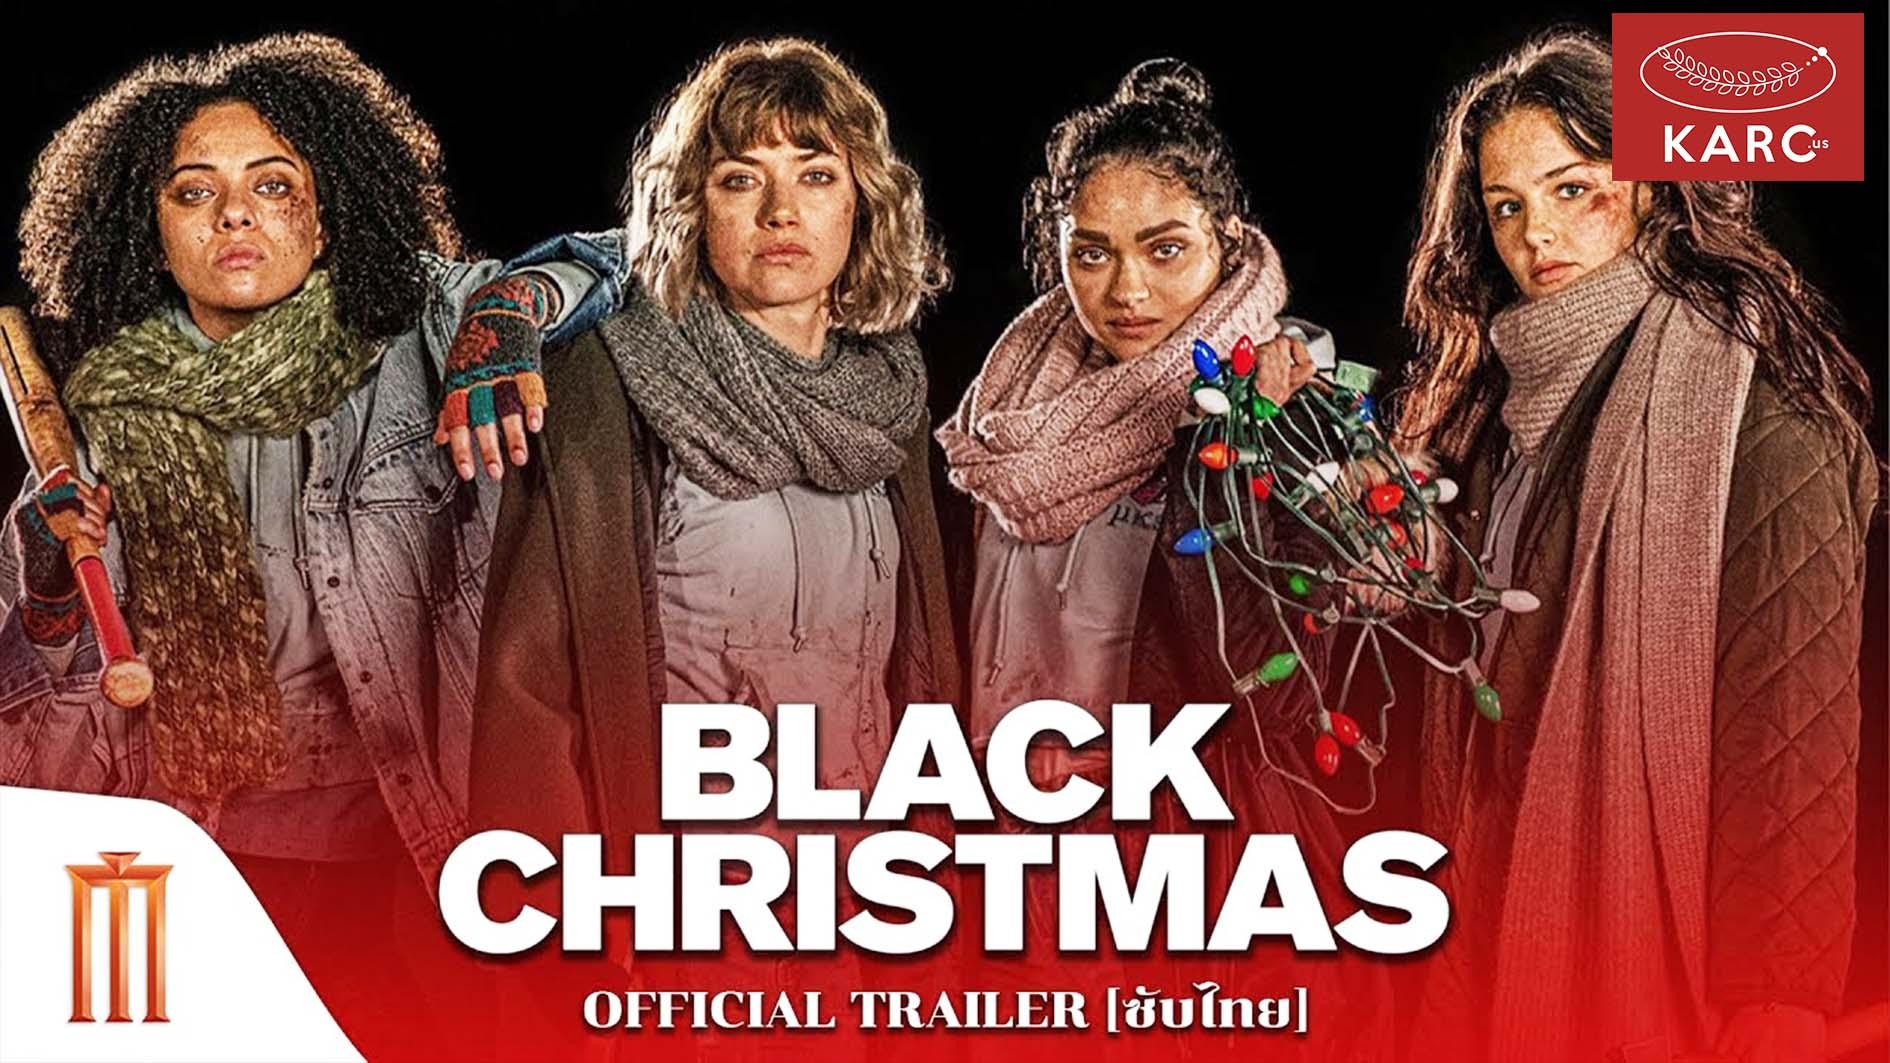 รีวิวภาพยนตร์ Black Christmas คริสต์มาสเชือด - Karc.us